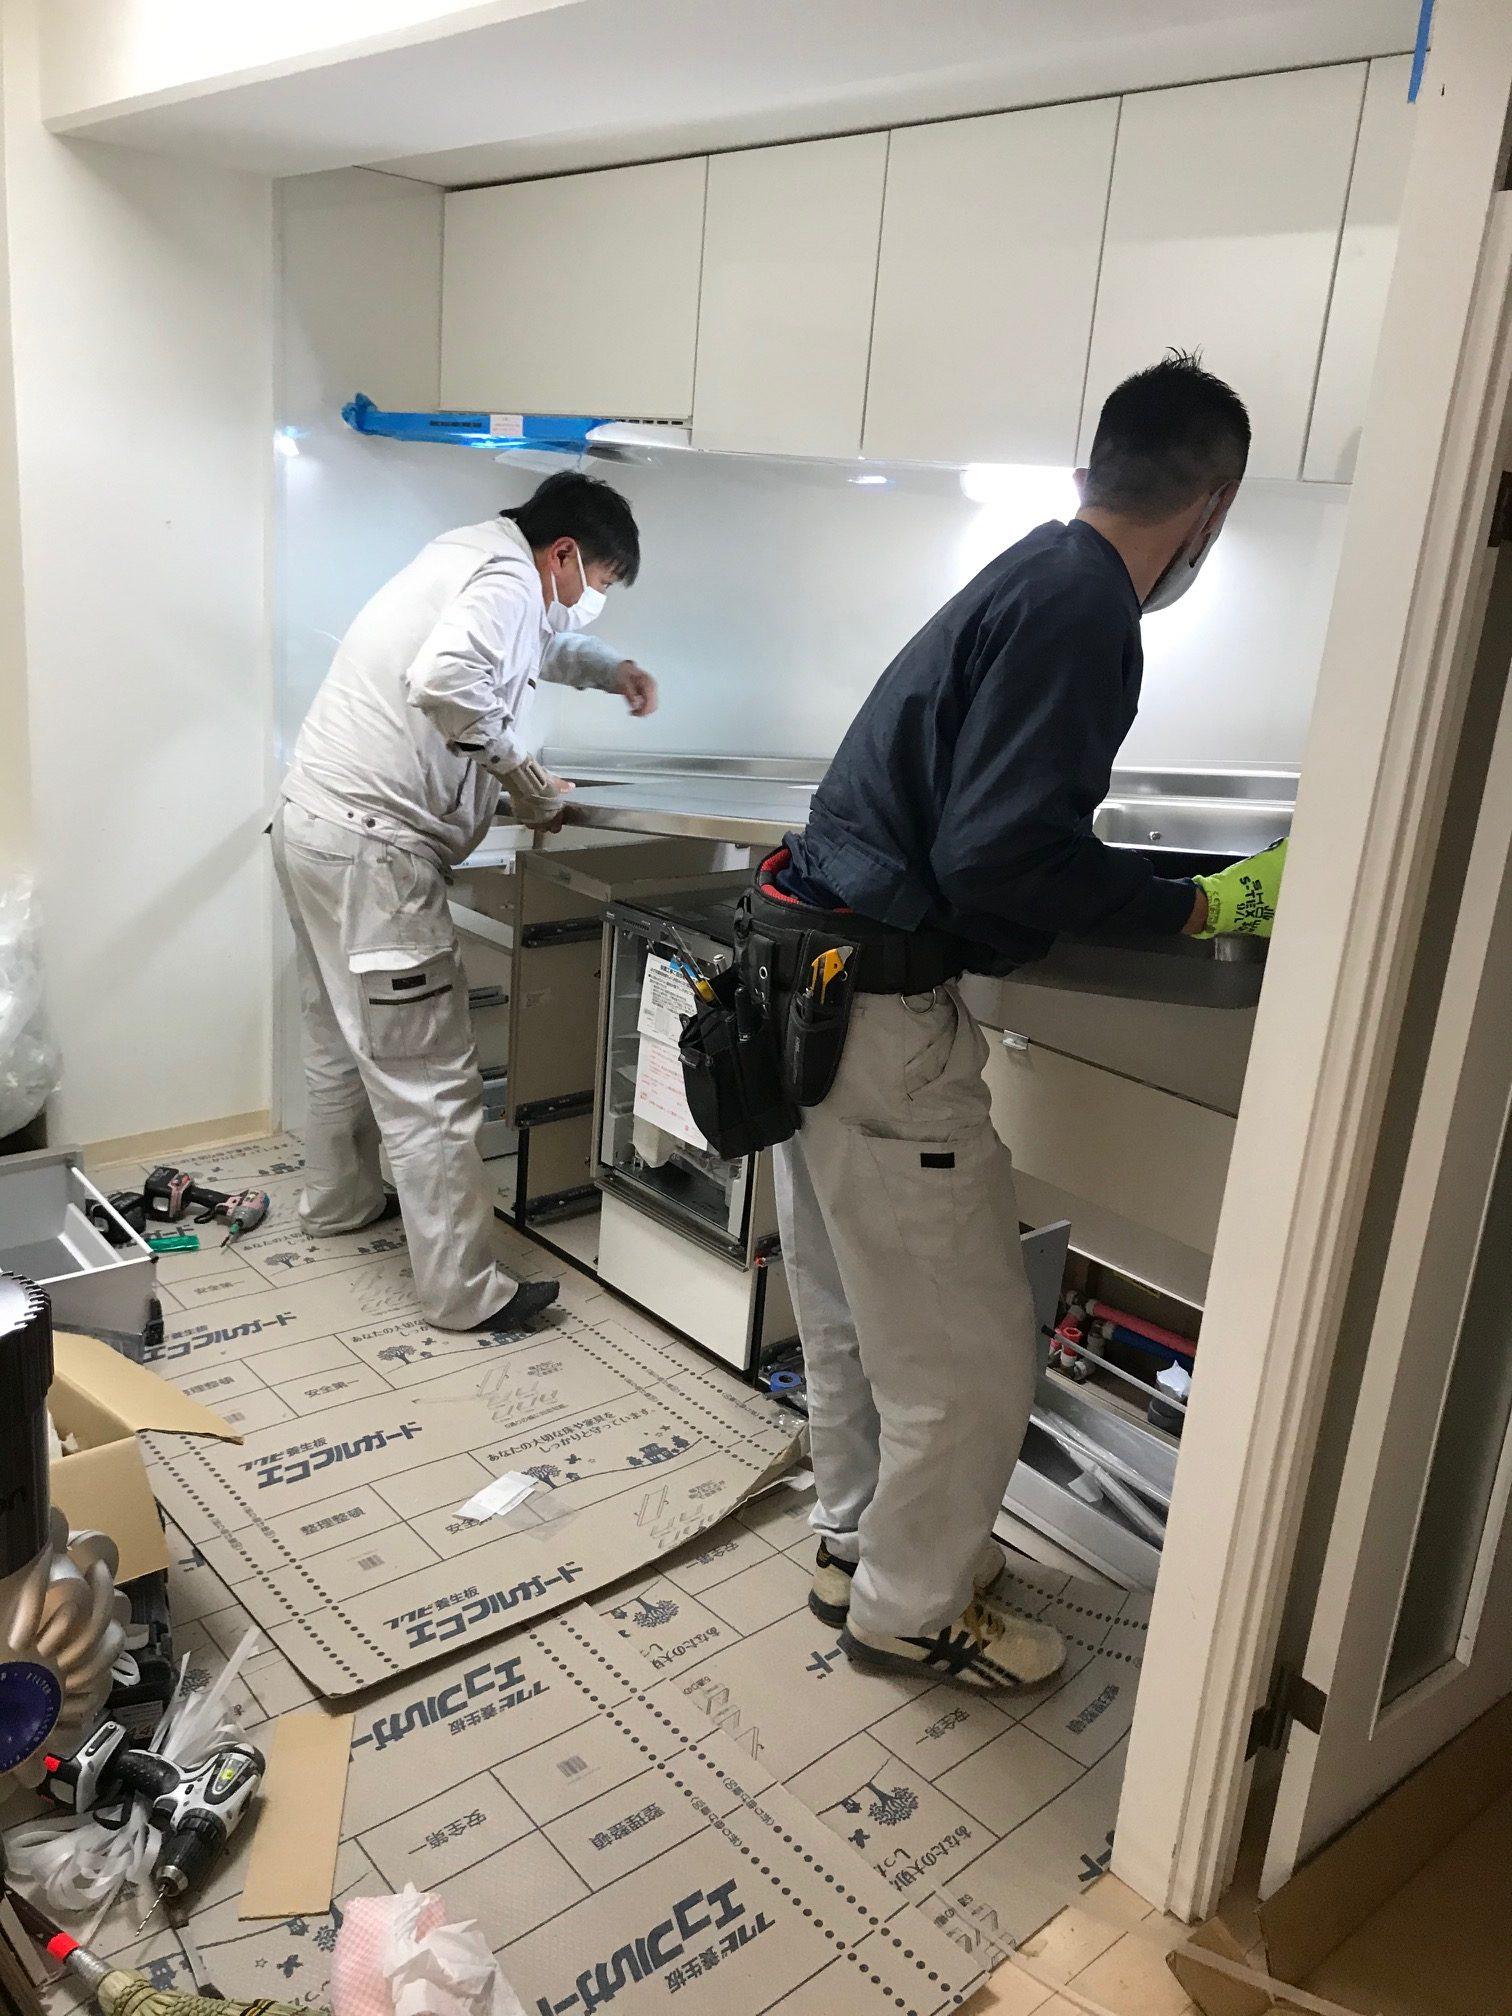 省スペースでするキッチンリノベとキッチン背面収納